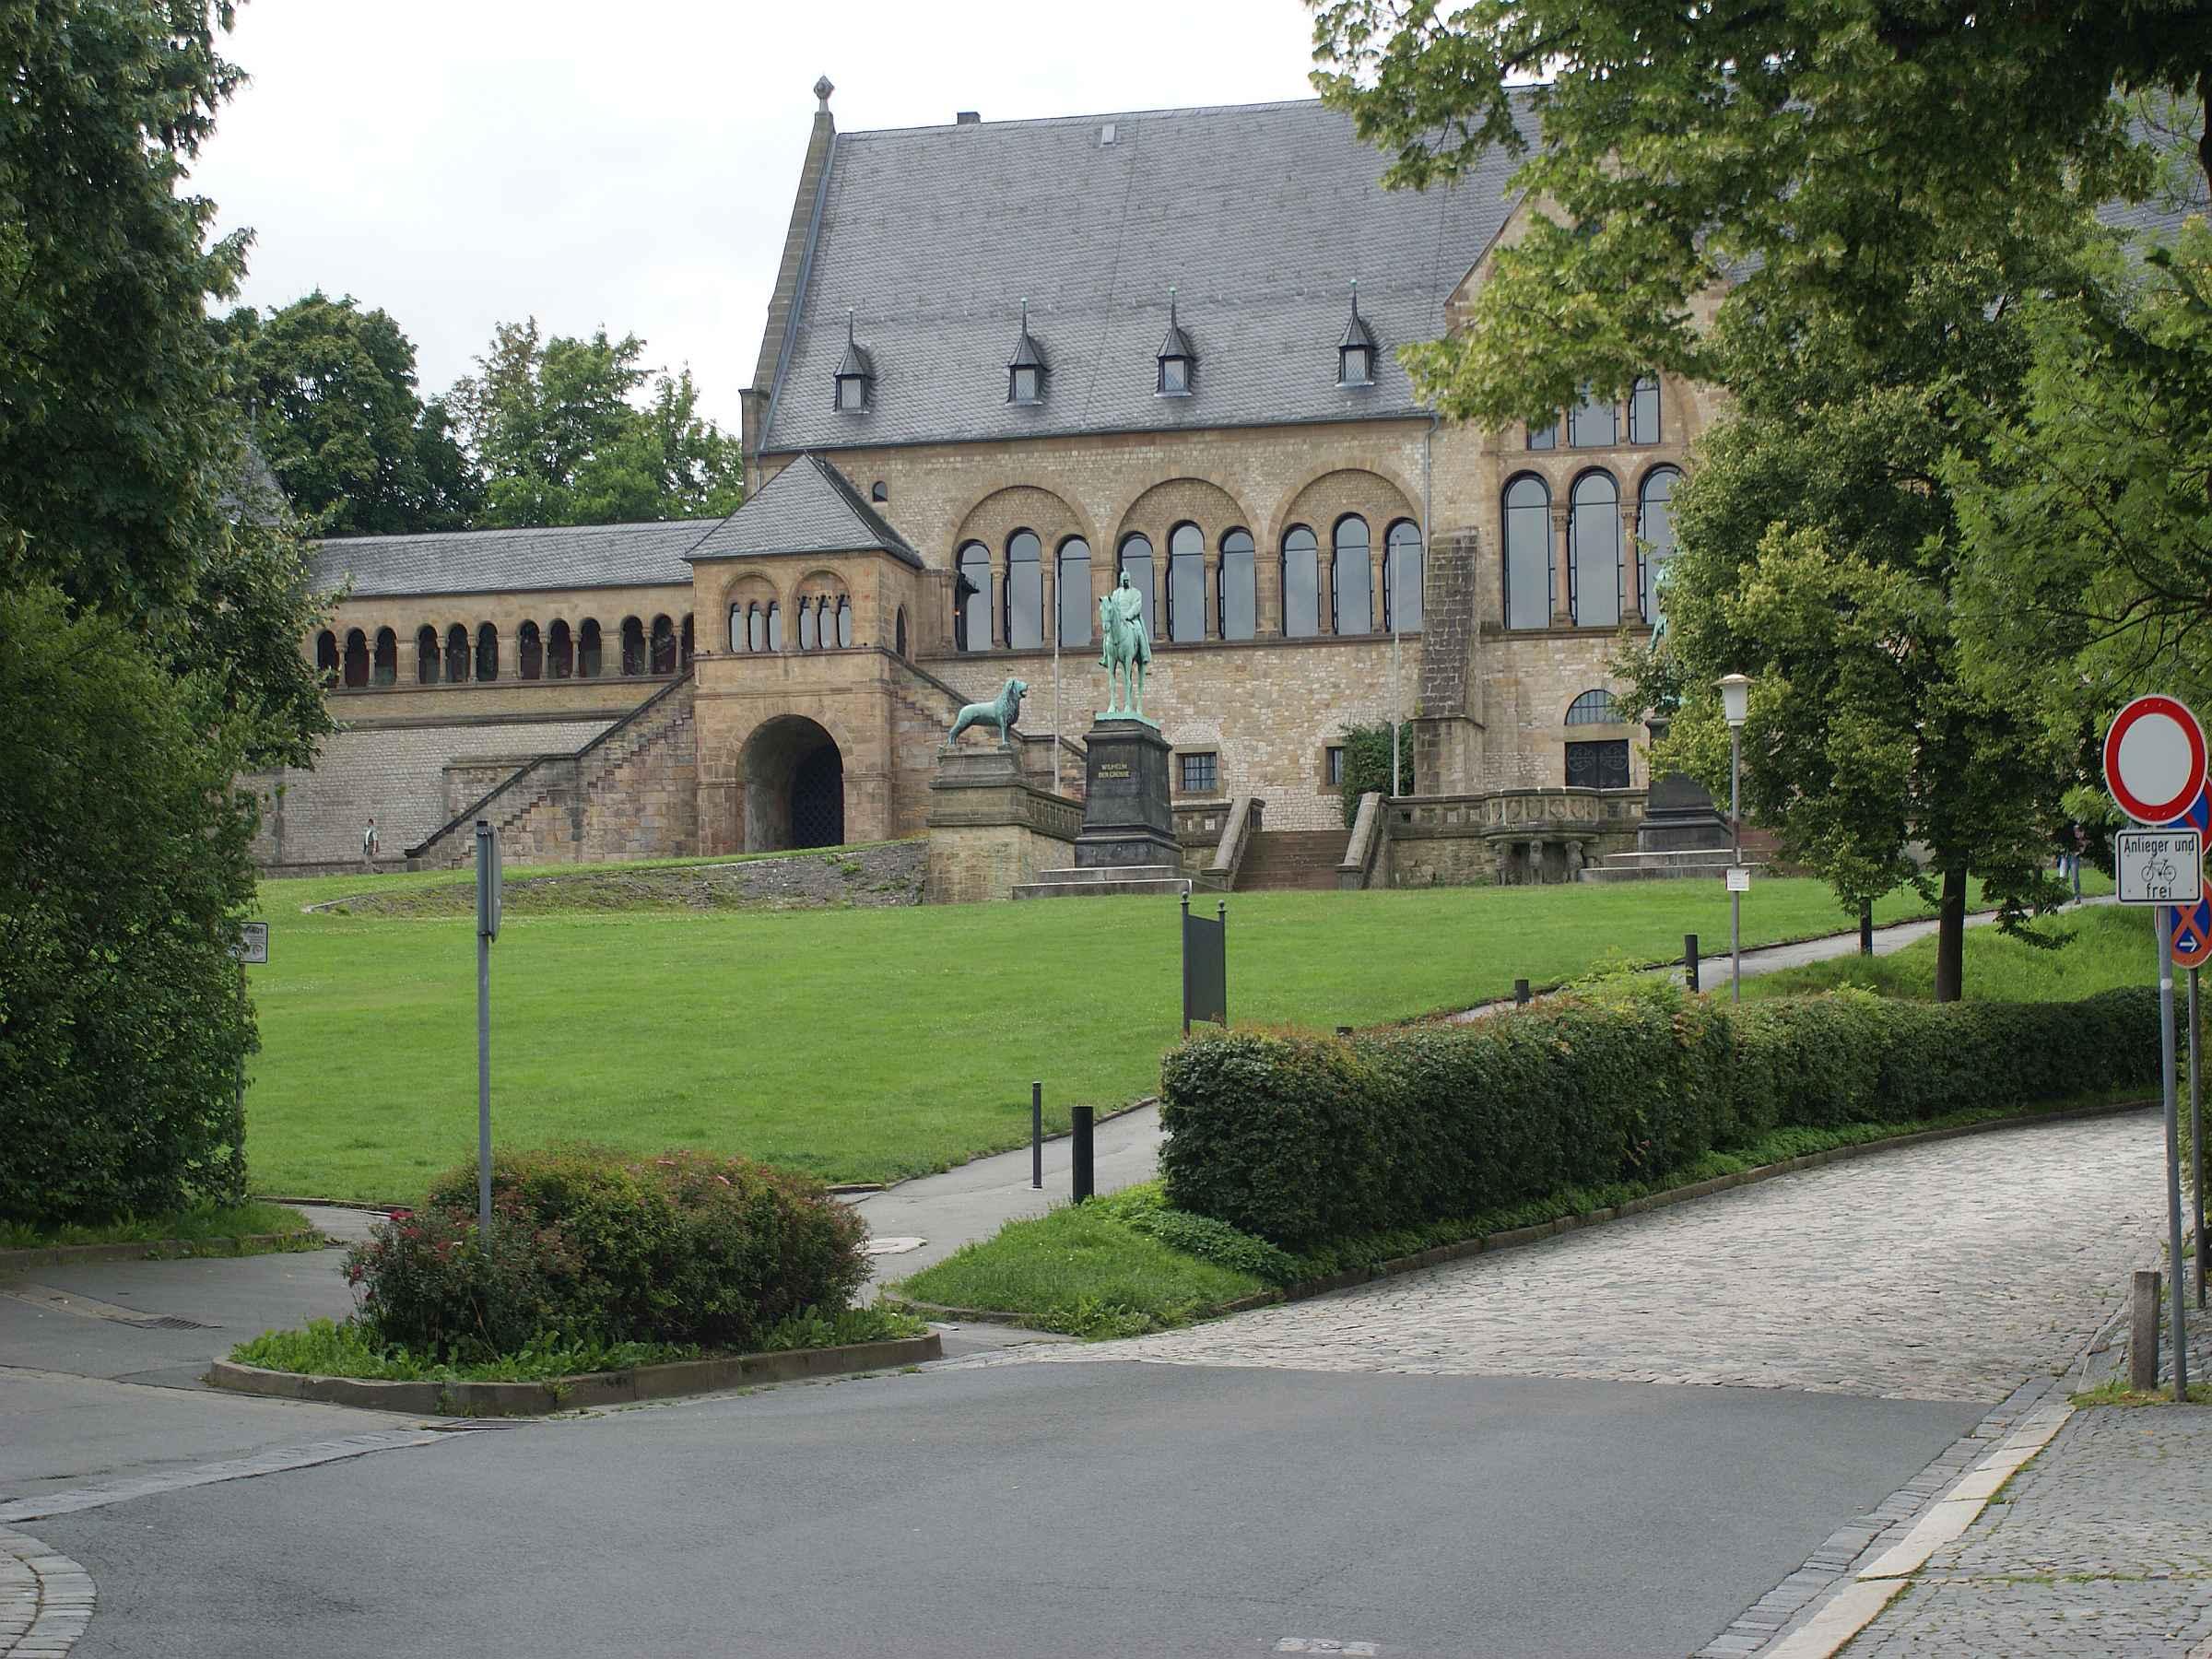 Ferienwohnung Alter Kirche Glockenturm, (Wernigerode